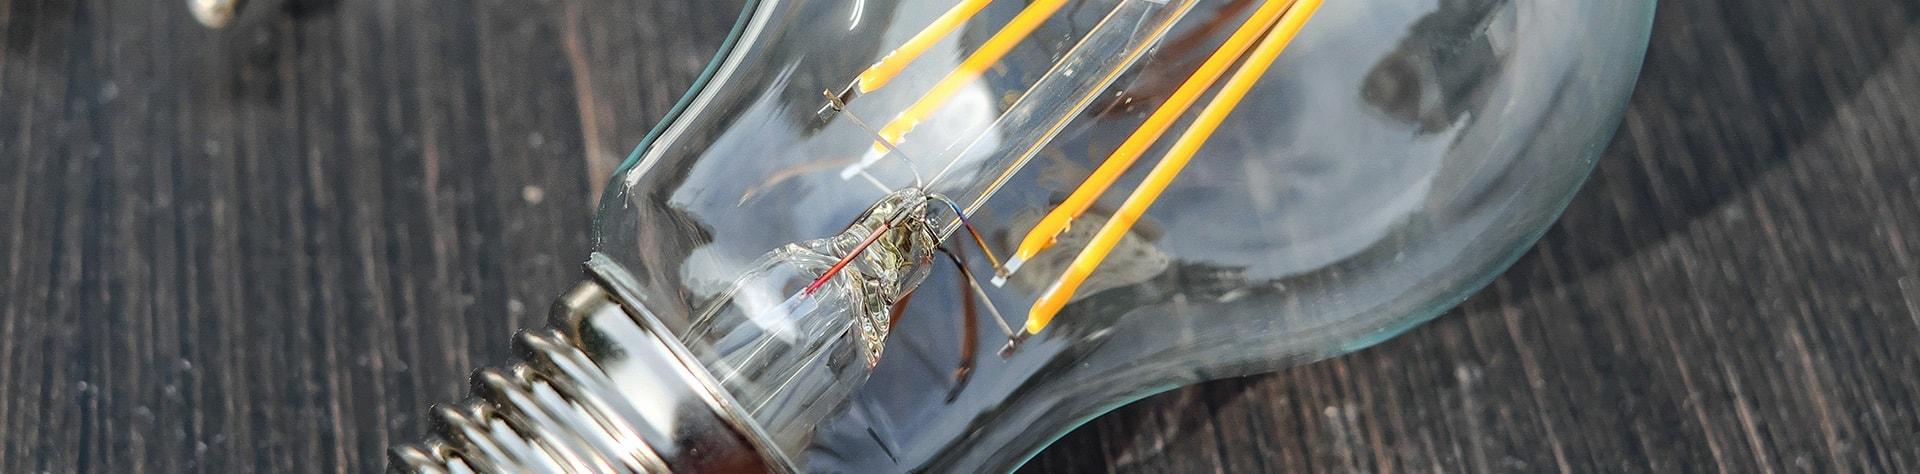 Spider-corsi-automazioni-min